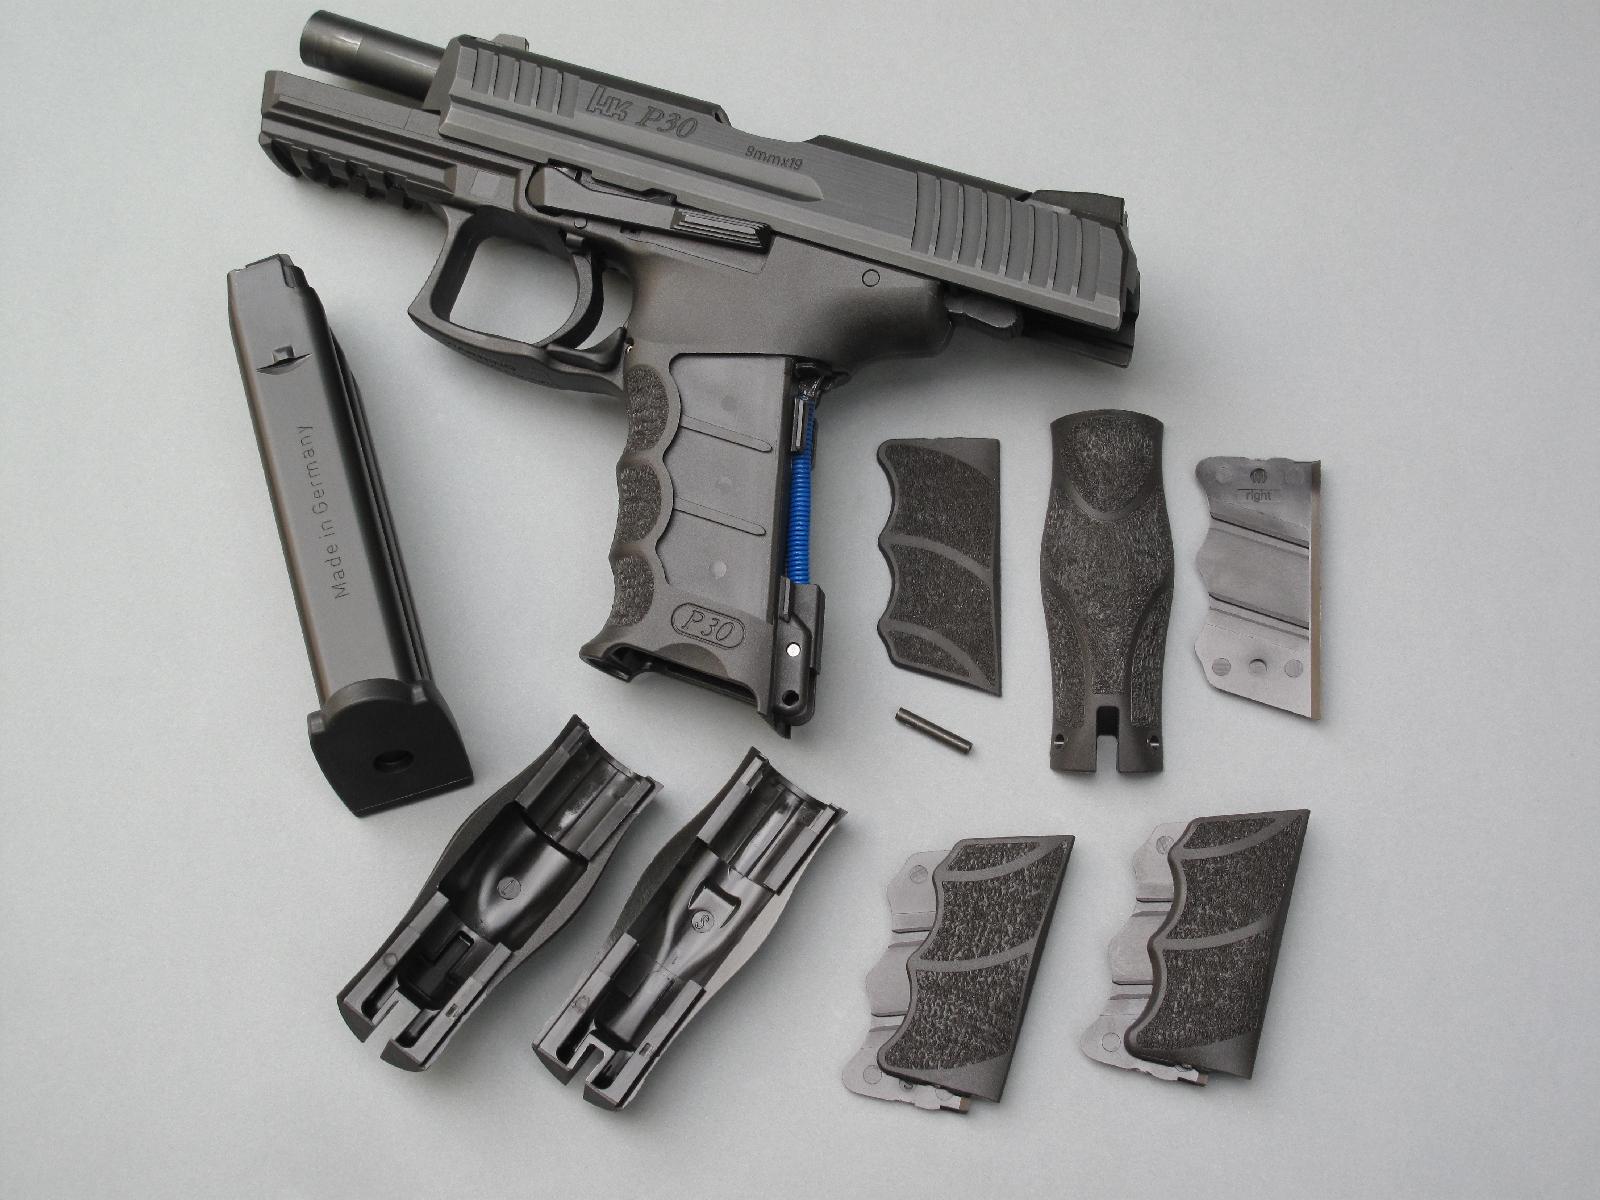 Le modèle P30 est livré avec trois tailles de dos et de plaquettes interchangeables, correspondant aux tailles Small, Medium et Large, qui peuvent être combinées pour mieux personnaliser la prise en main.